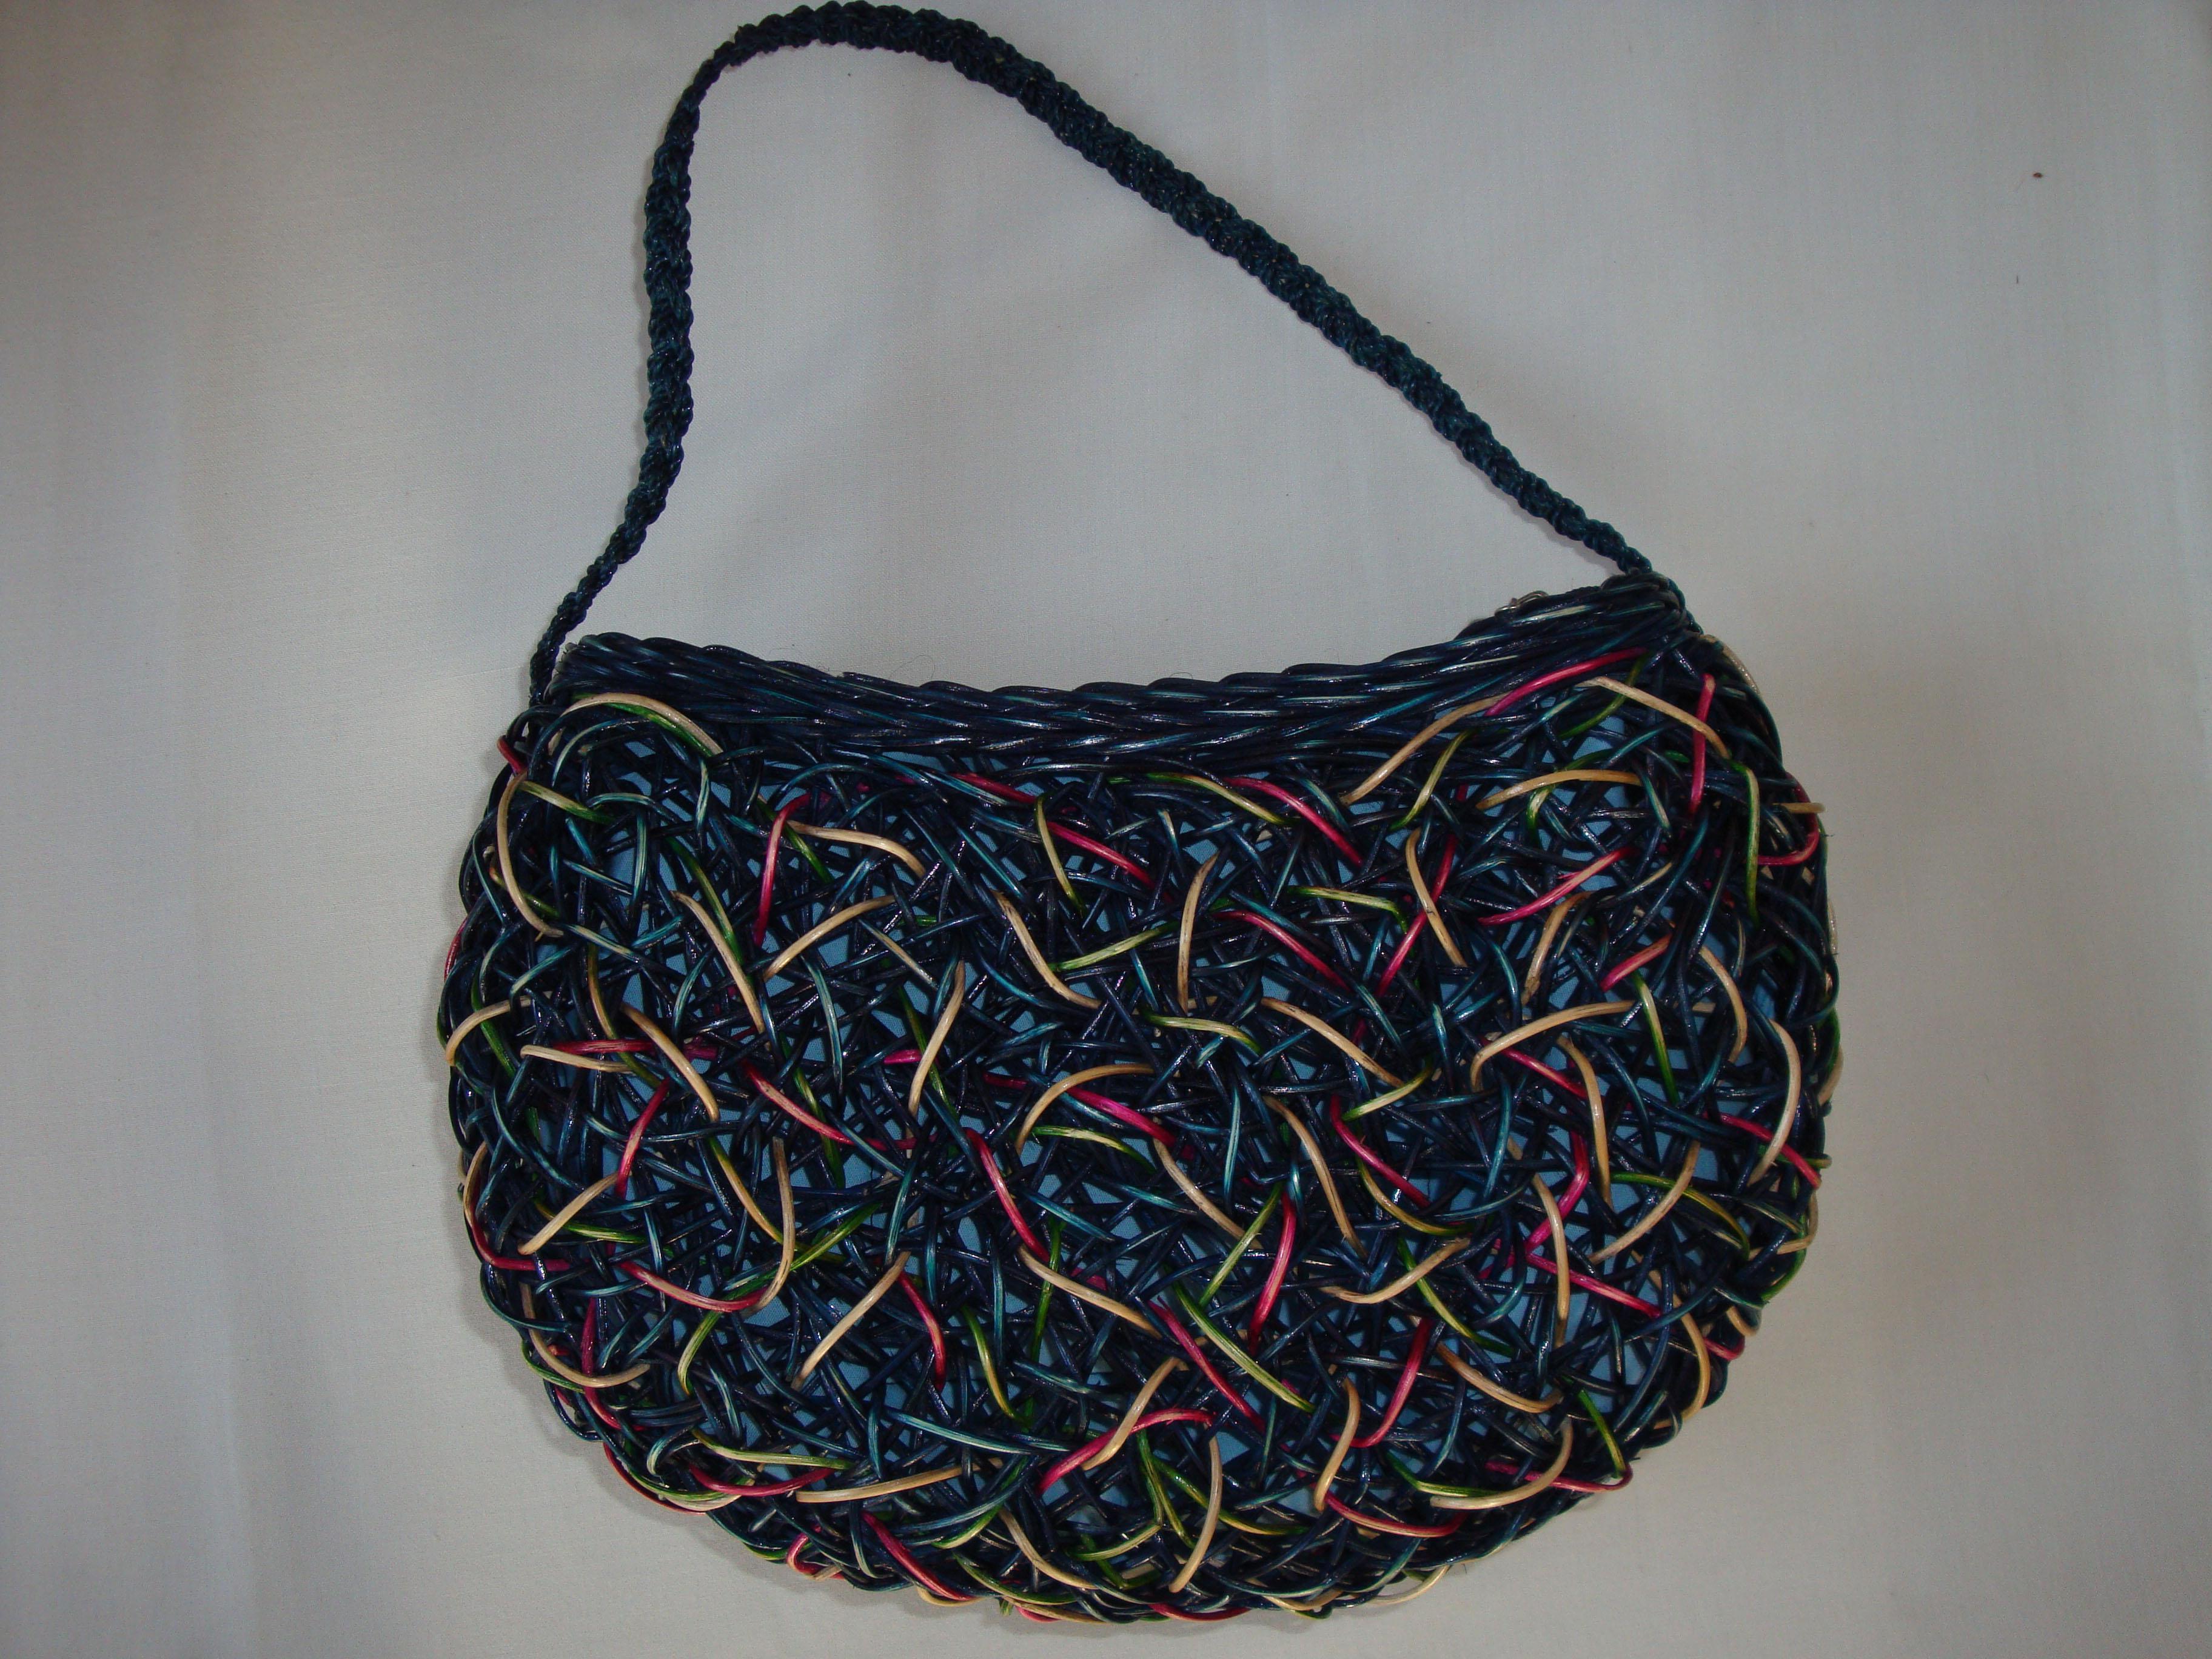 ラタンハンドバッグ鳥の巣状手編みハンドバッグ 爆安50%OFF後